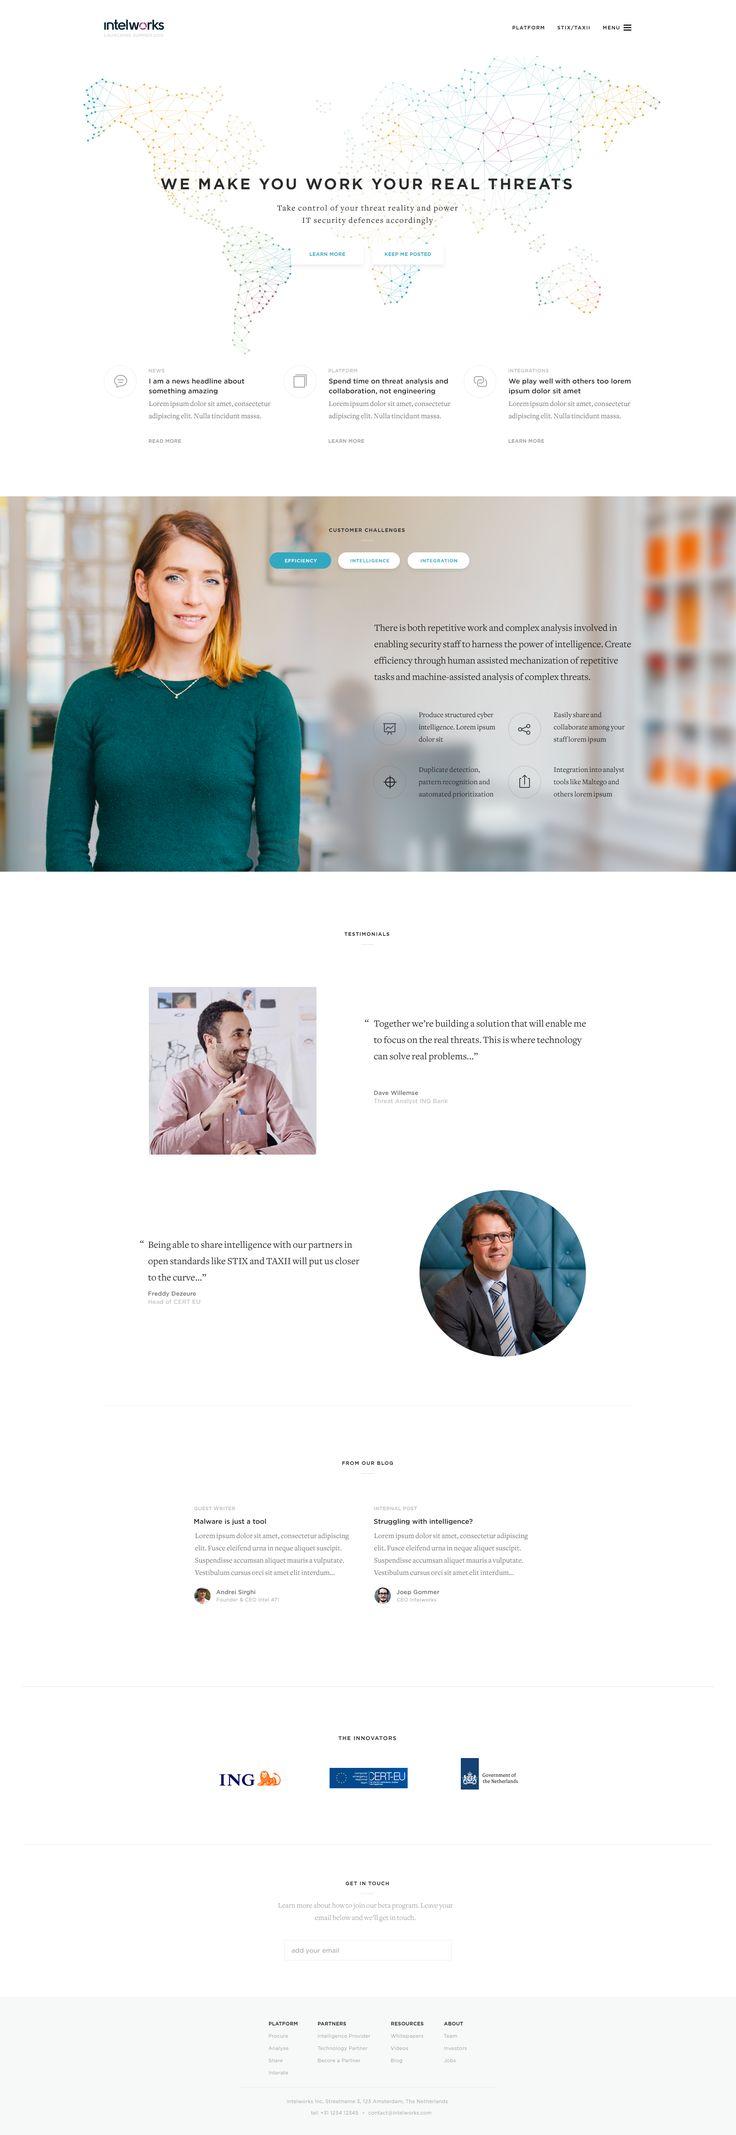 600 best Web Design images on Pinterest | Dashboard design, App ...